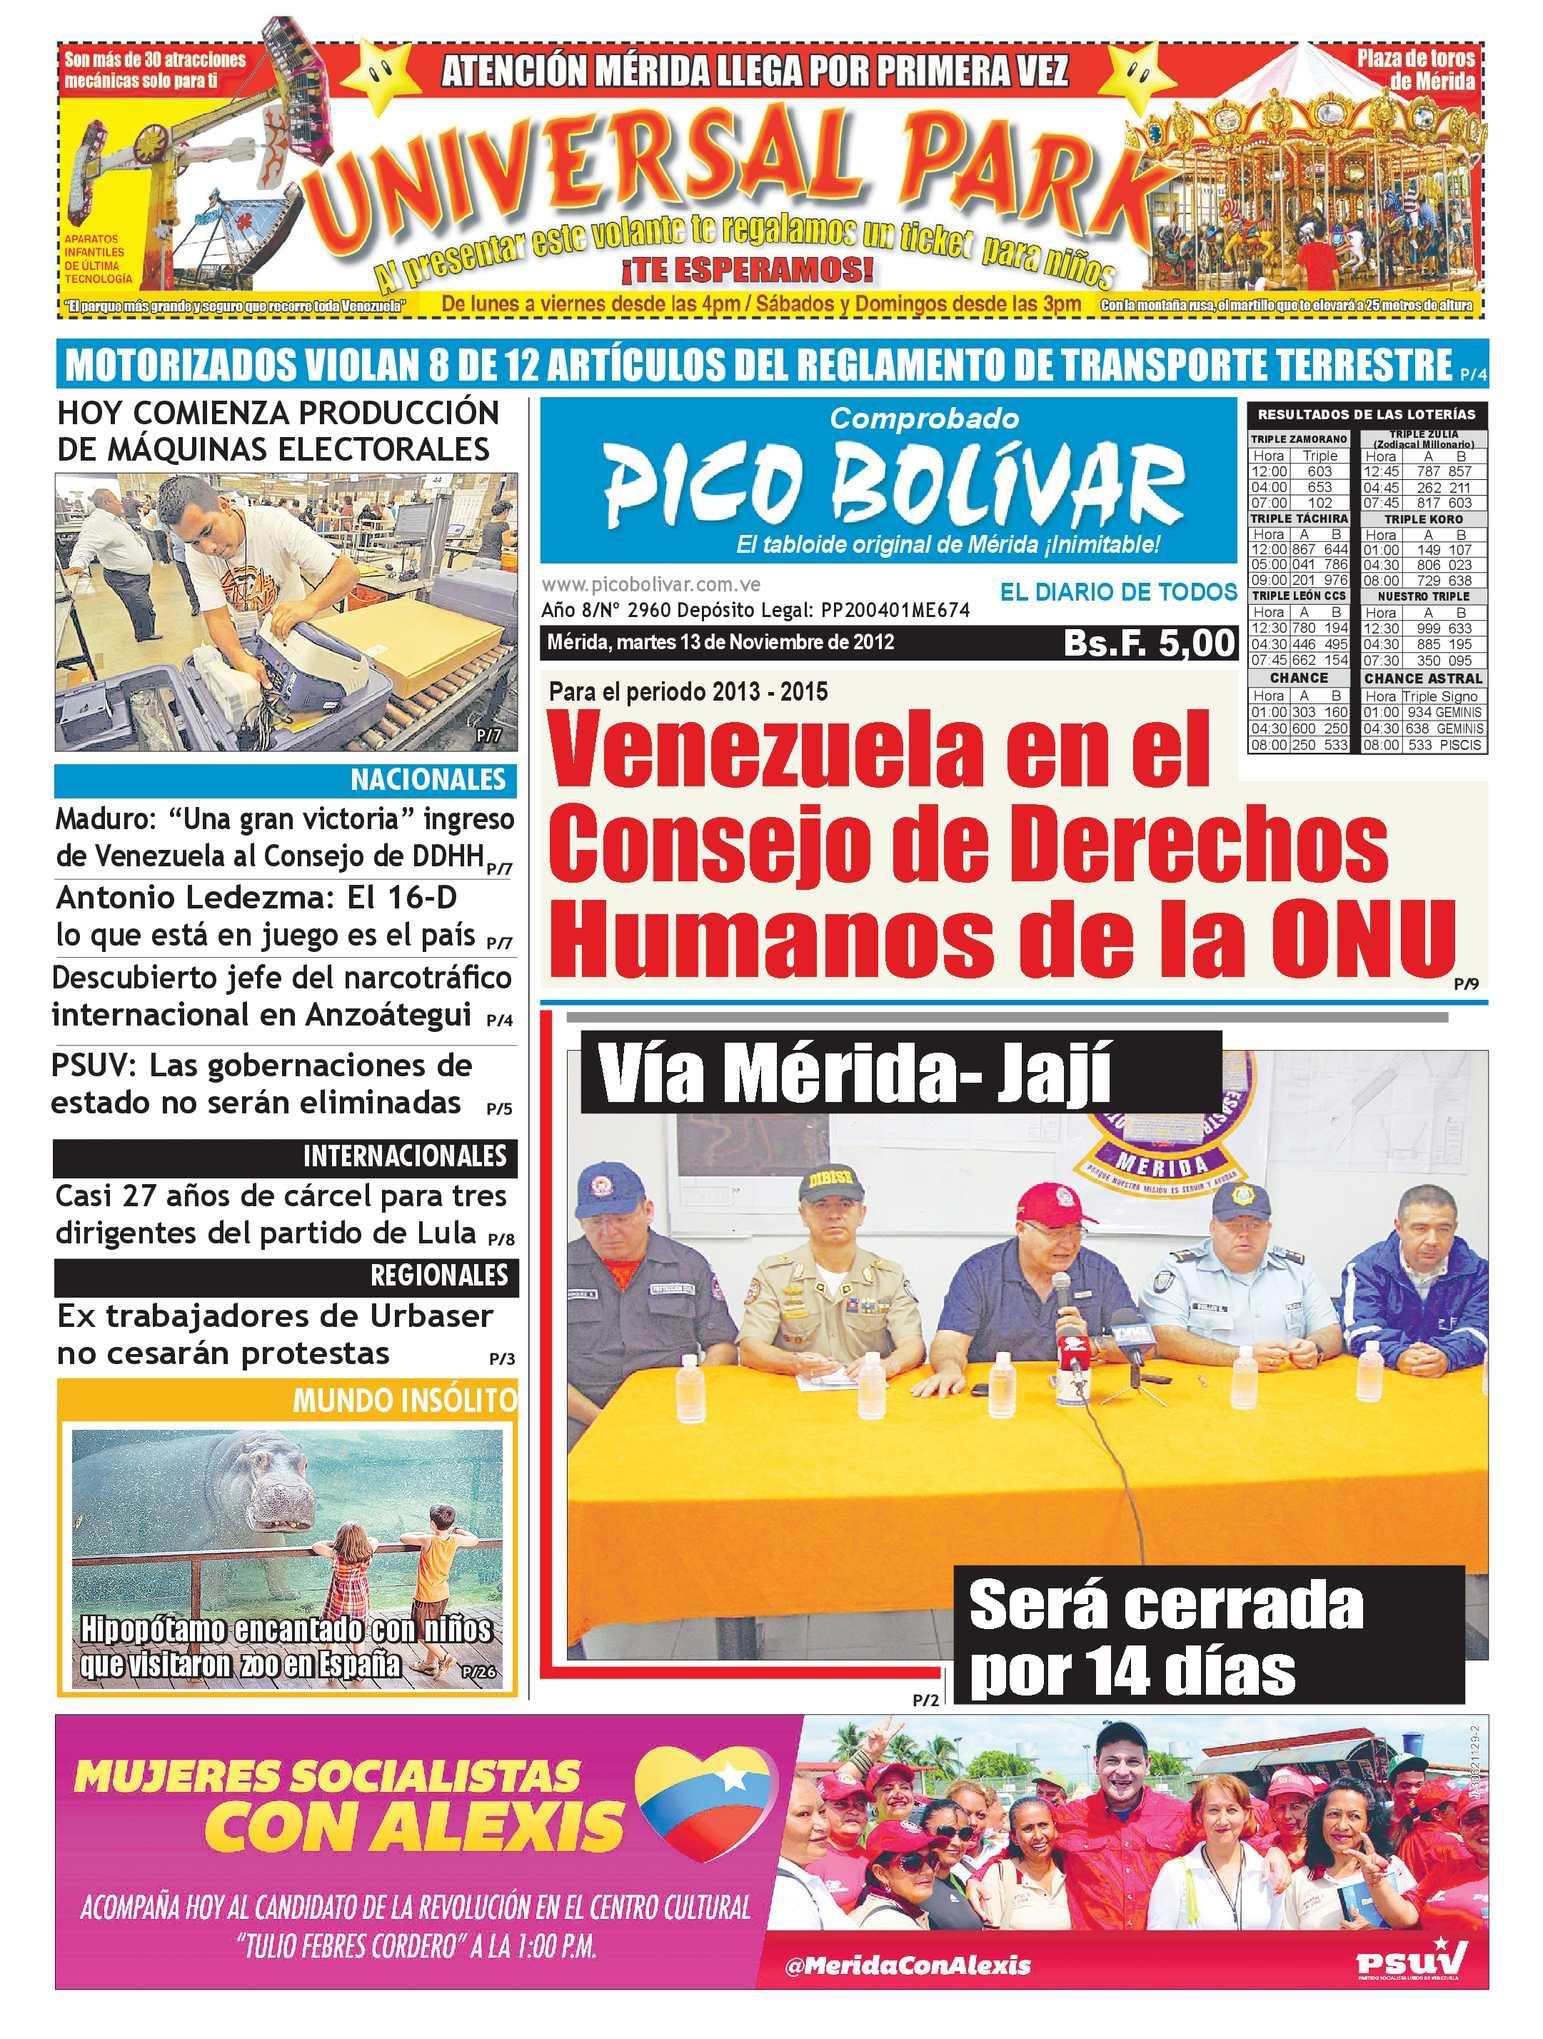 b59c2a313 Calaméo - 13-11-2012